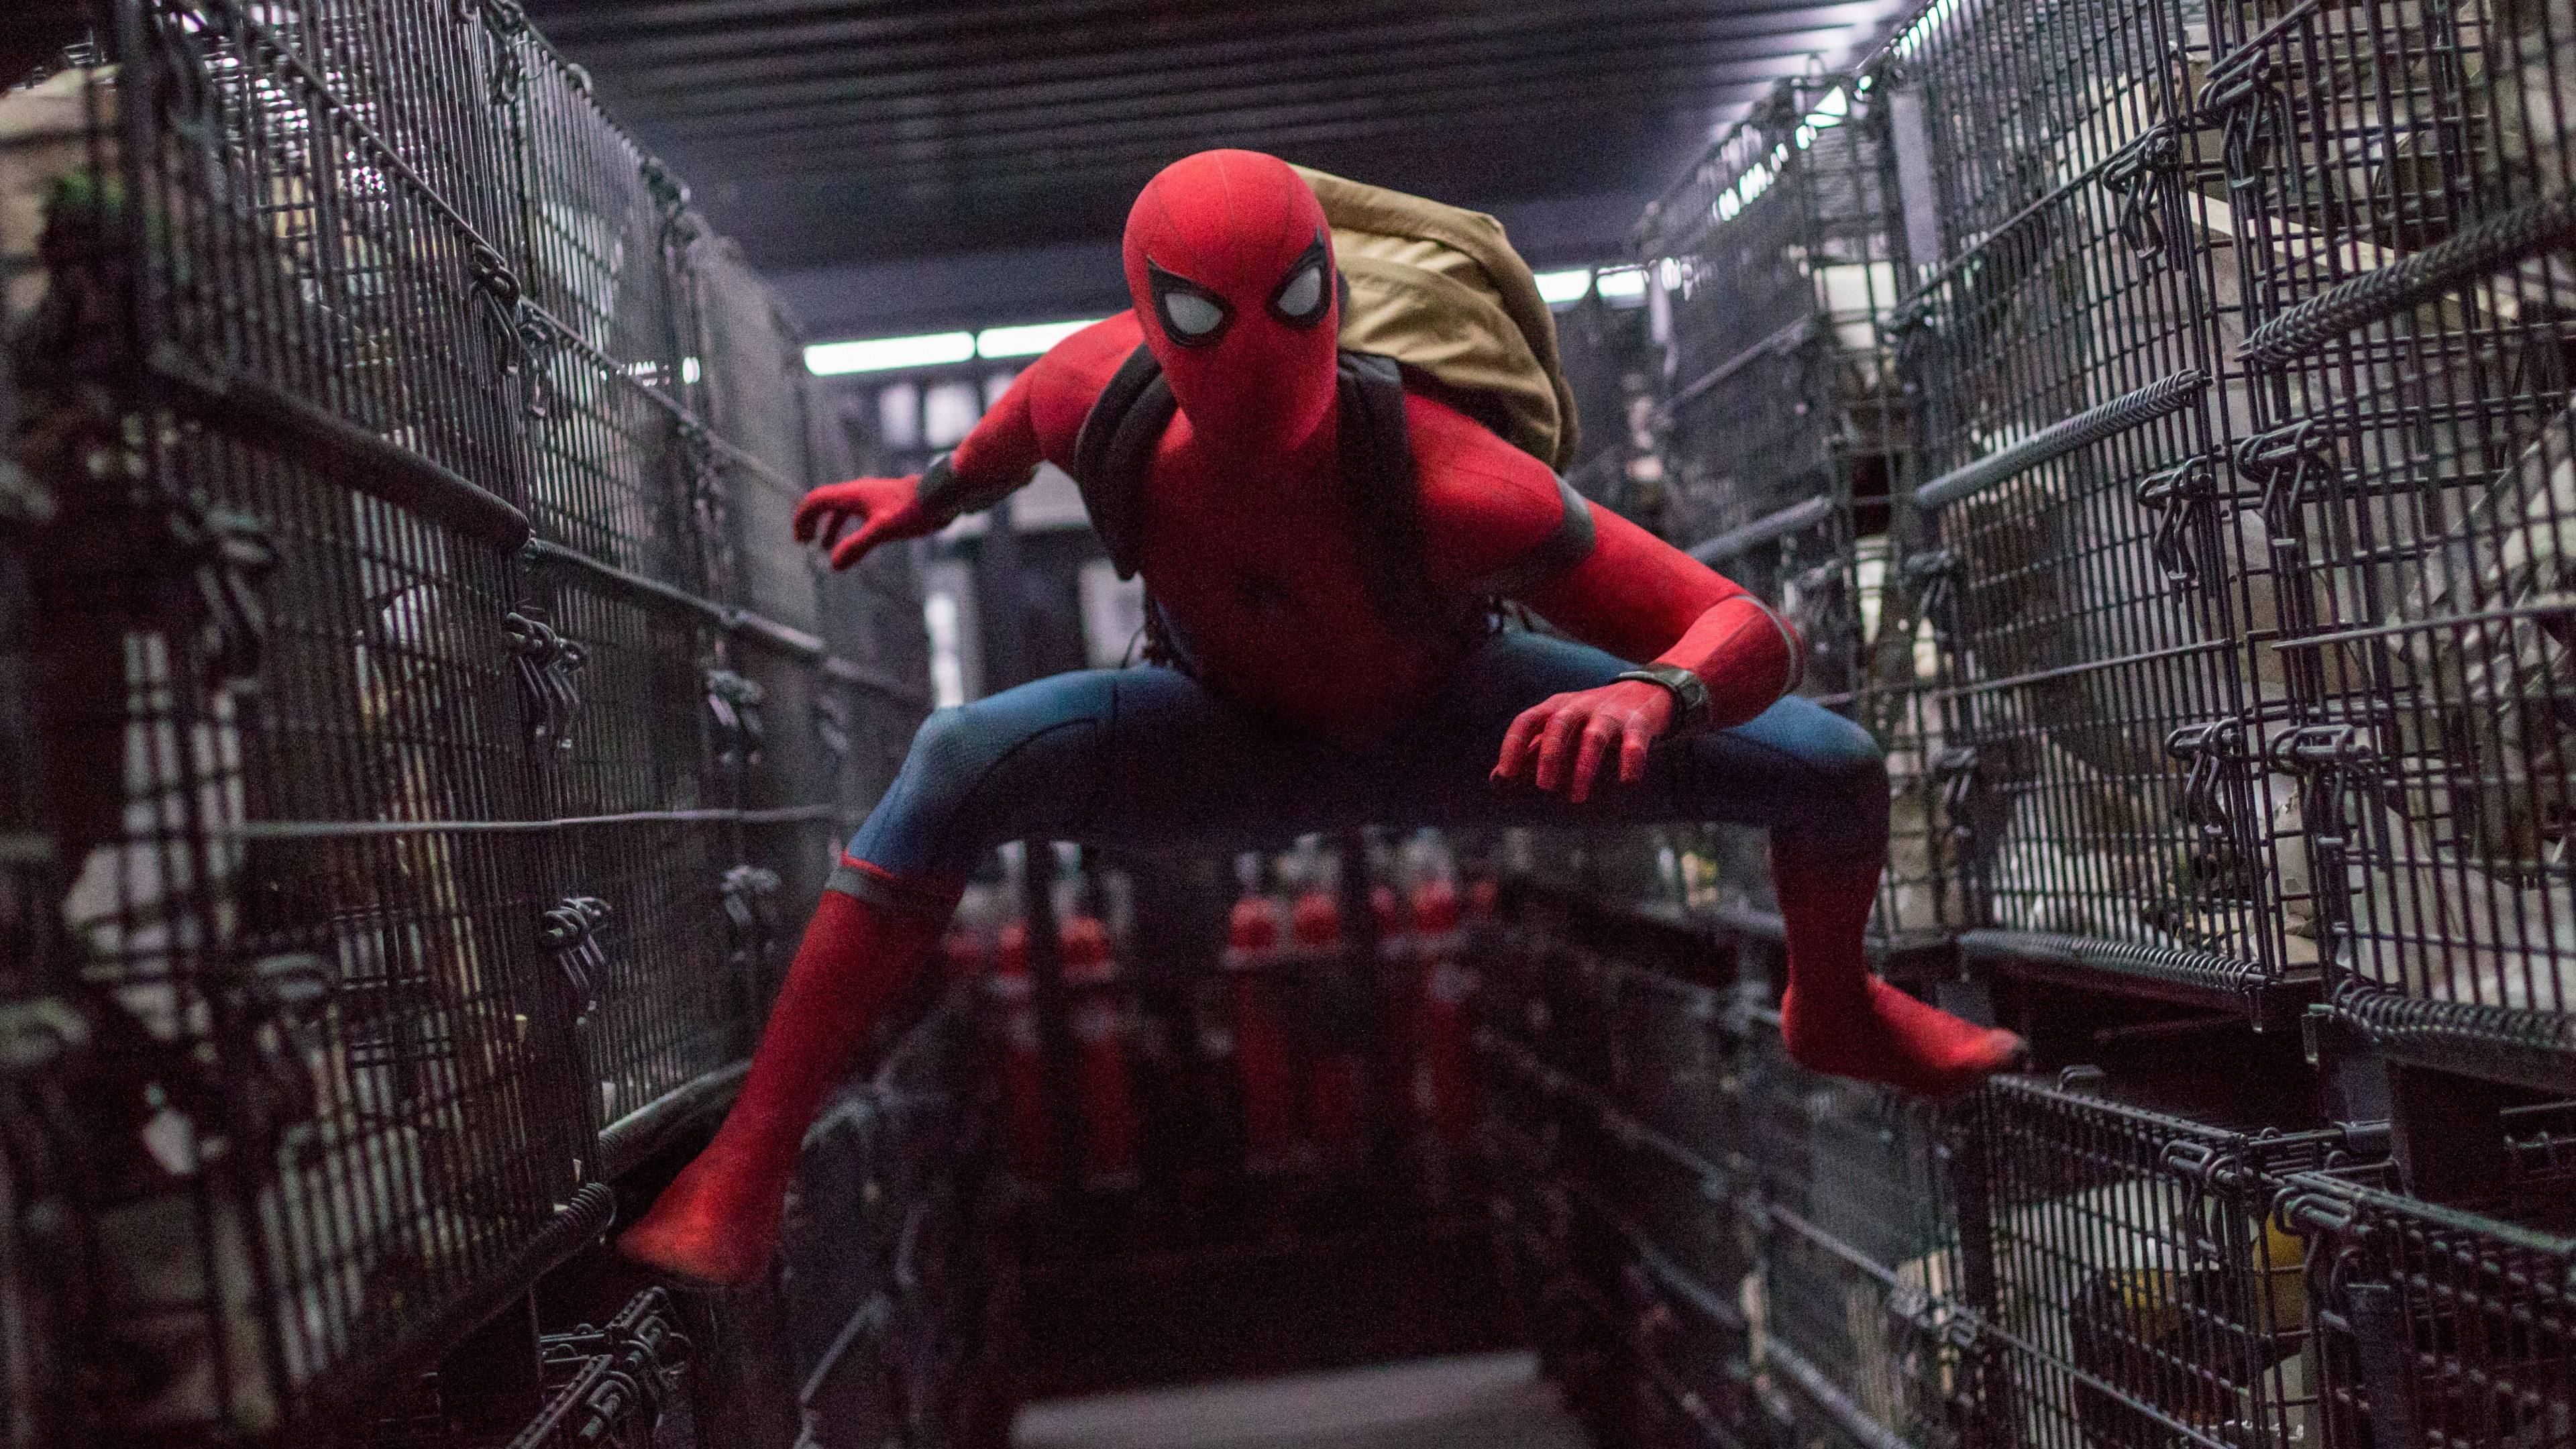 Wallpaper Spider Man Homecoming 4k 8k Tom Holland